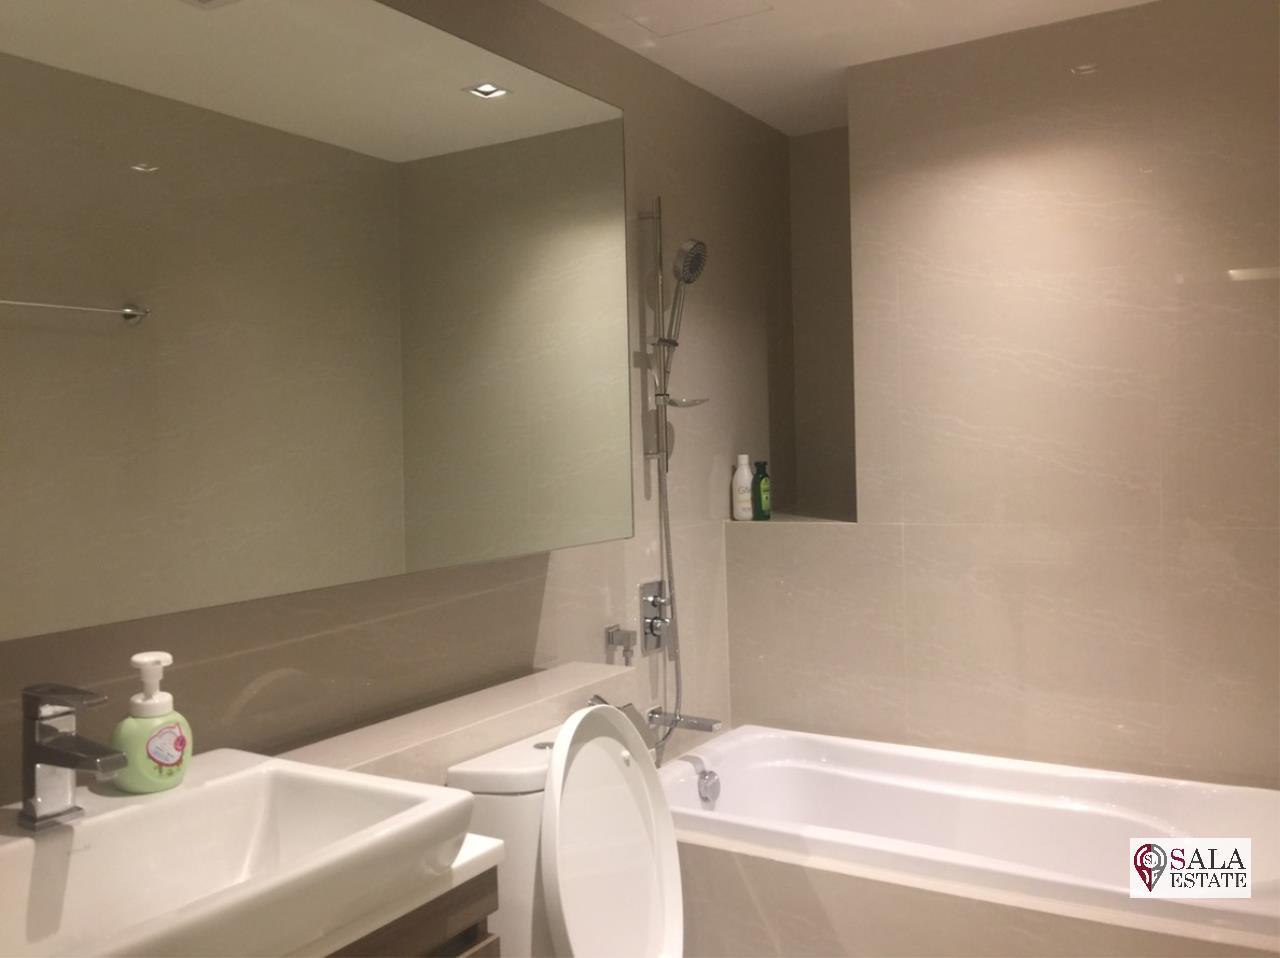 SALA ESTATE Agency's ( FOR RENT ) VTARA SUKHUMVIT 36 - BTS THONG LO , 1 BEDROOM 1 BATHROOM, FULLY FURNISHED 9